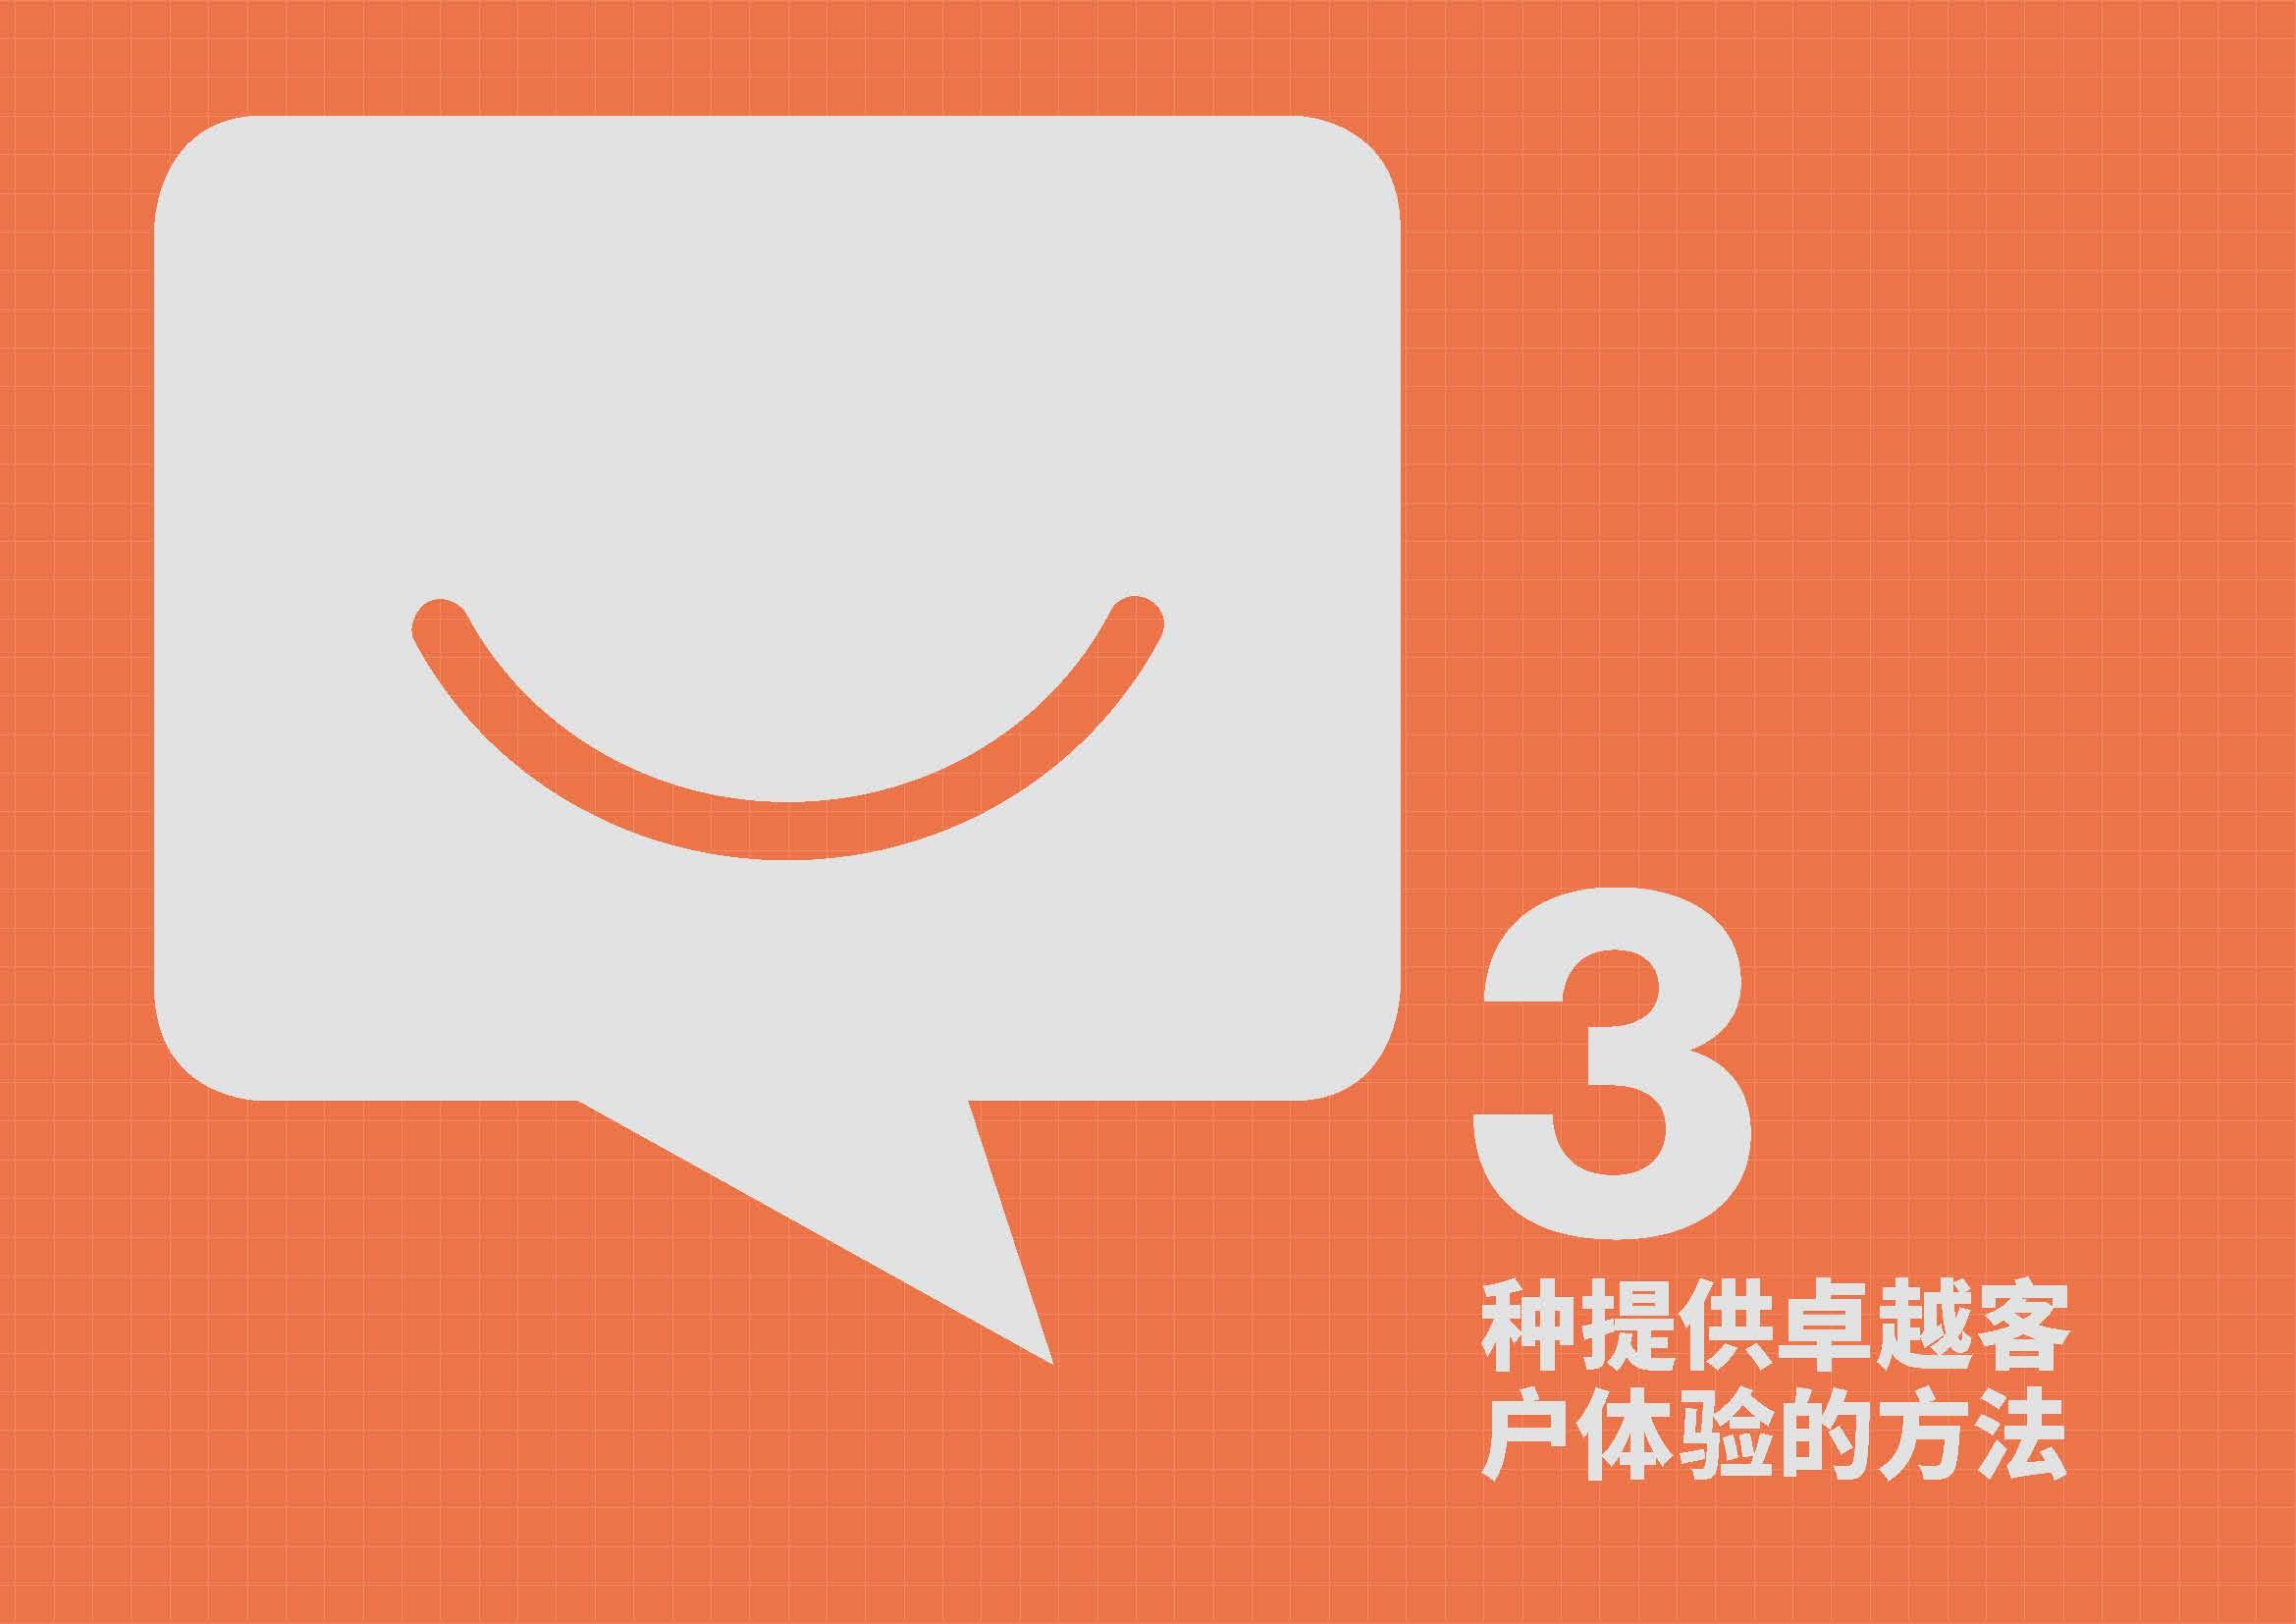 请下载阅读 - 3种提供卓越客 户体验的方法